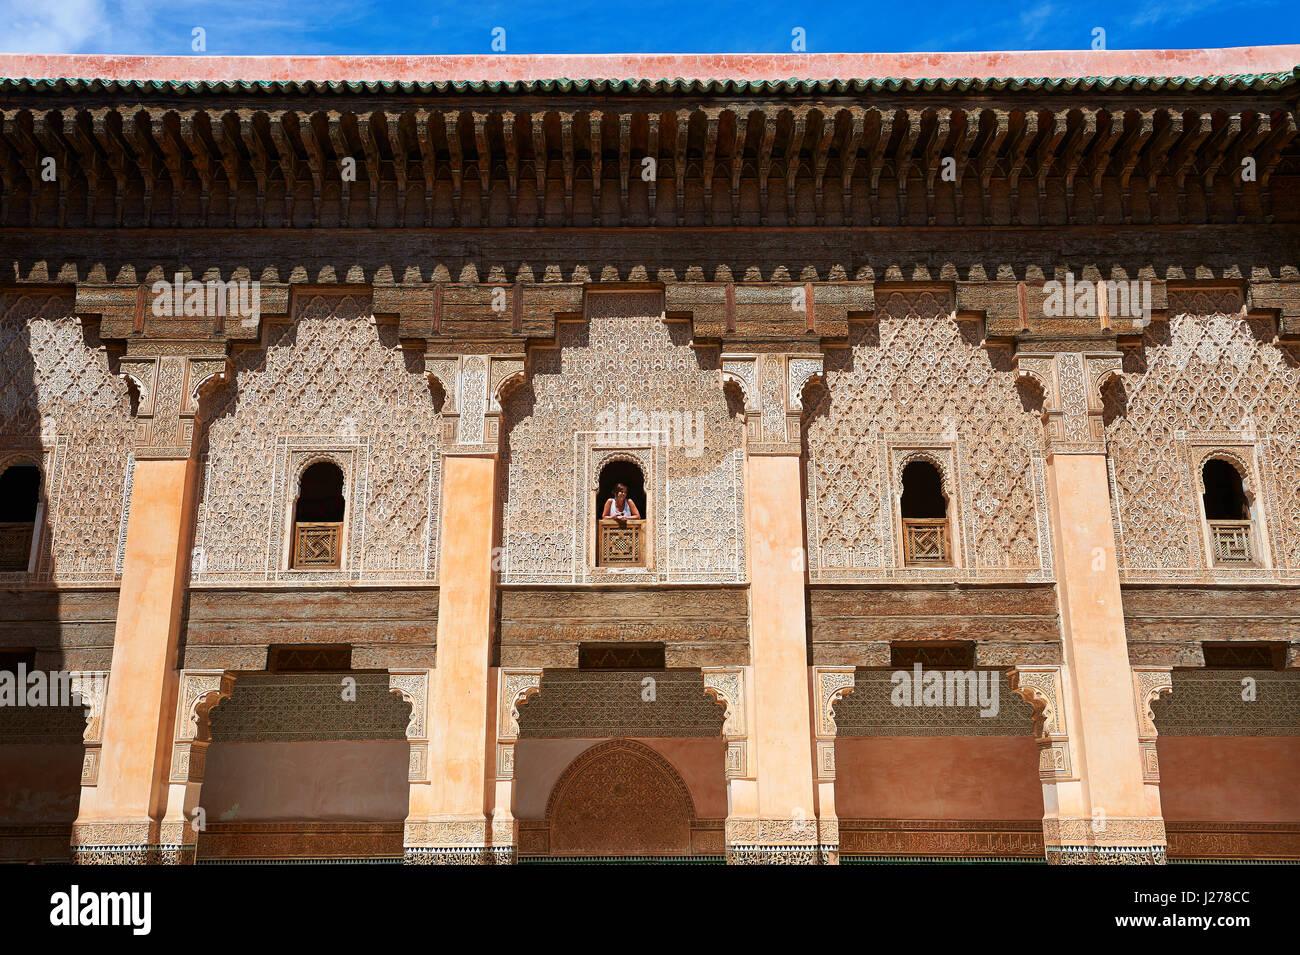 Arabesco Morcabe bereber yeserías del siglo XIV Ben Youssef Madersa (Universidad Islámica) re-construida Imagen De Stock